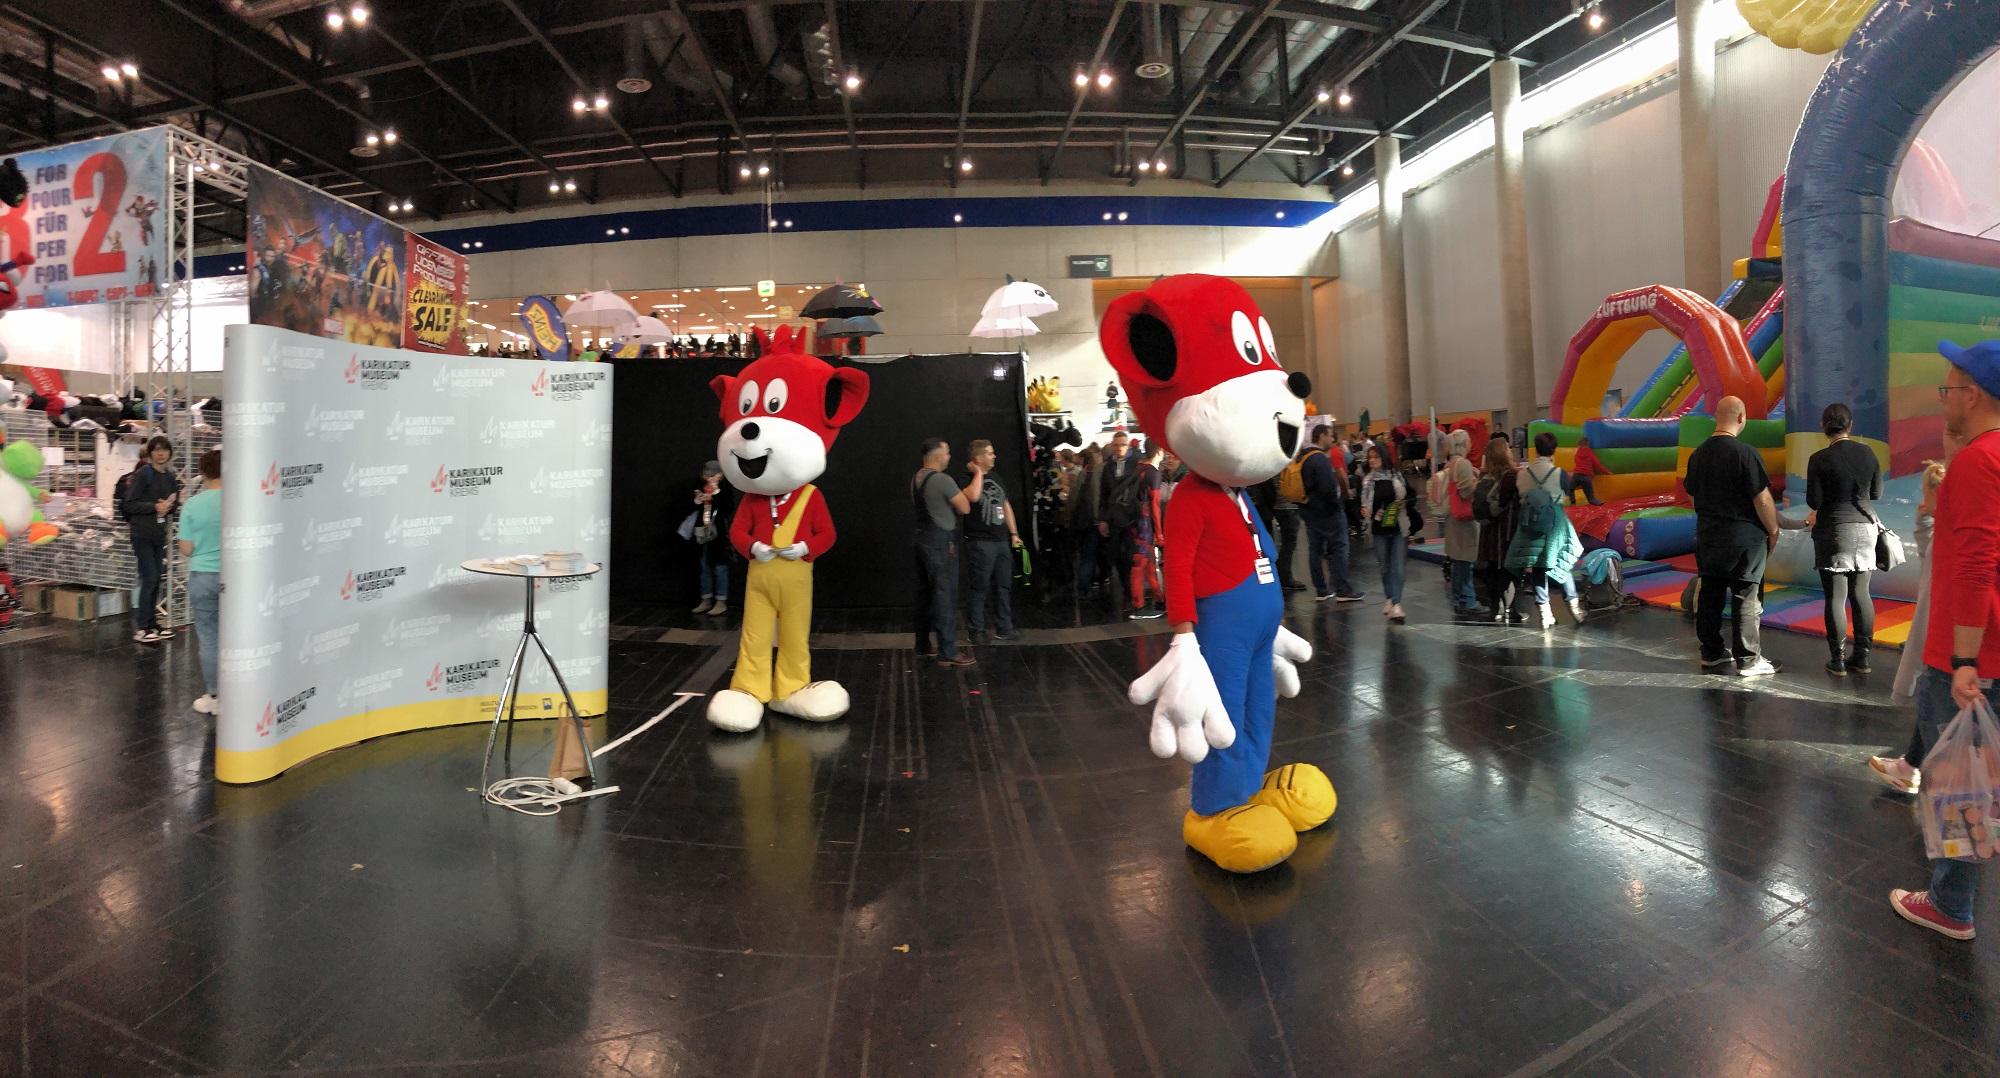 Vergangenes Wochenende war die VIECC - Vienna Comic Con in Wien und wir waren mit Fix & Foxi mit dabei.